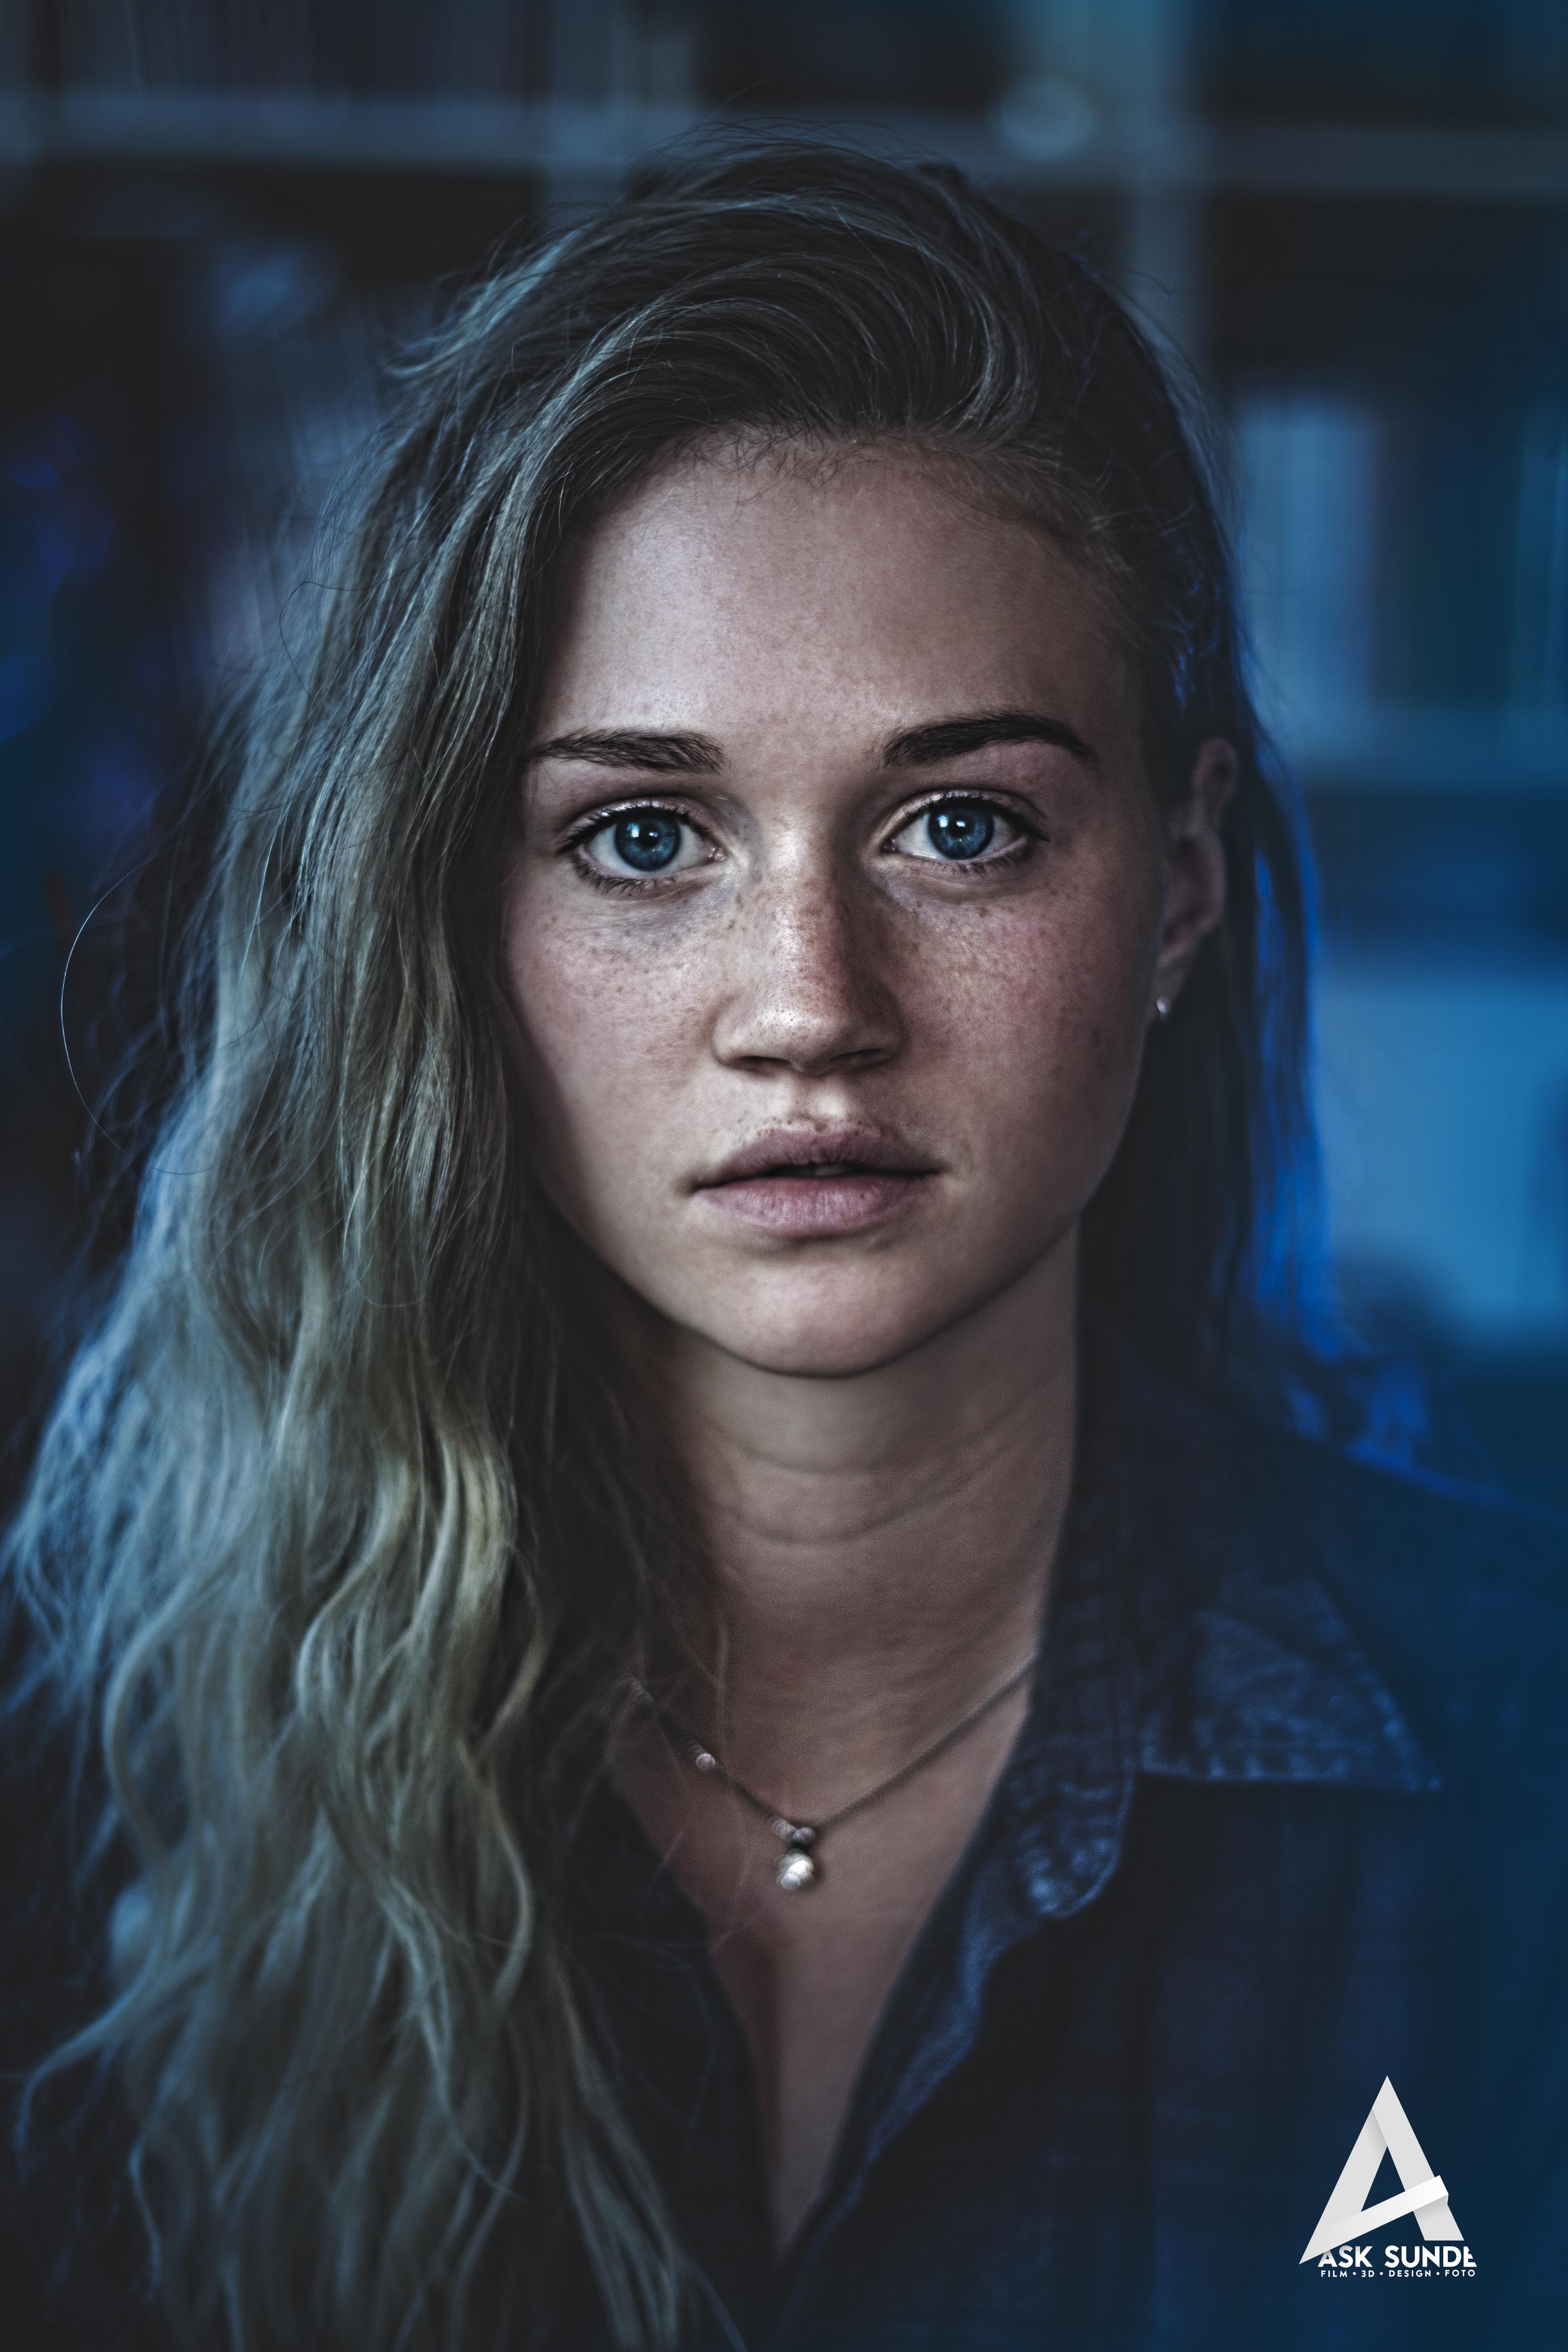 IMG_0324-Edit-Ferdigstilt-Øyne_og_Farger